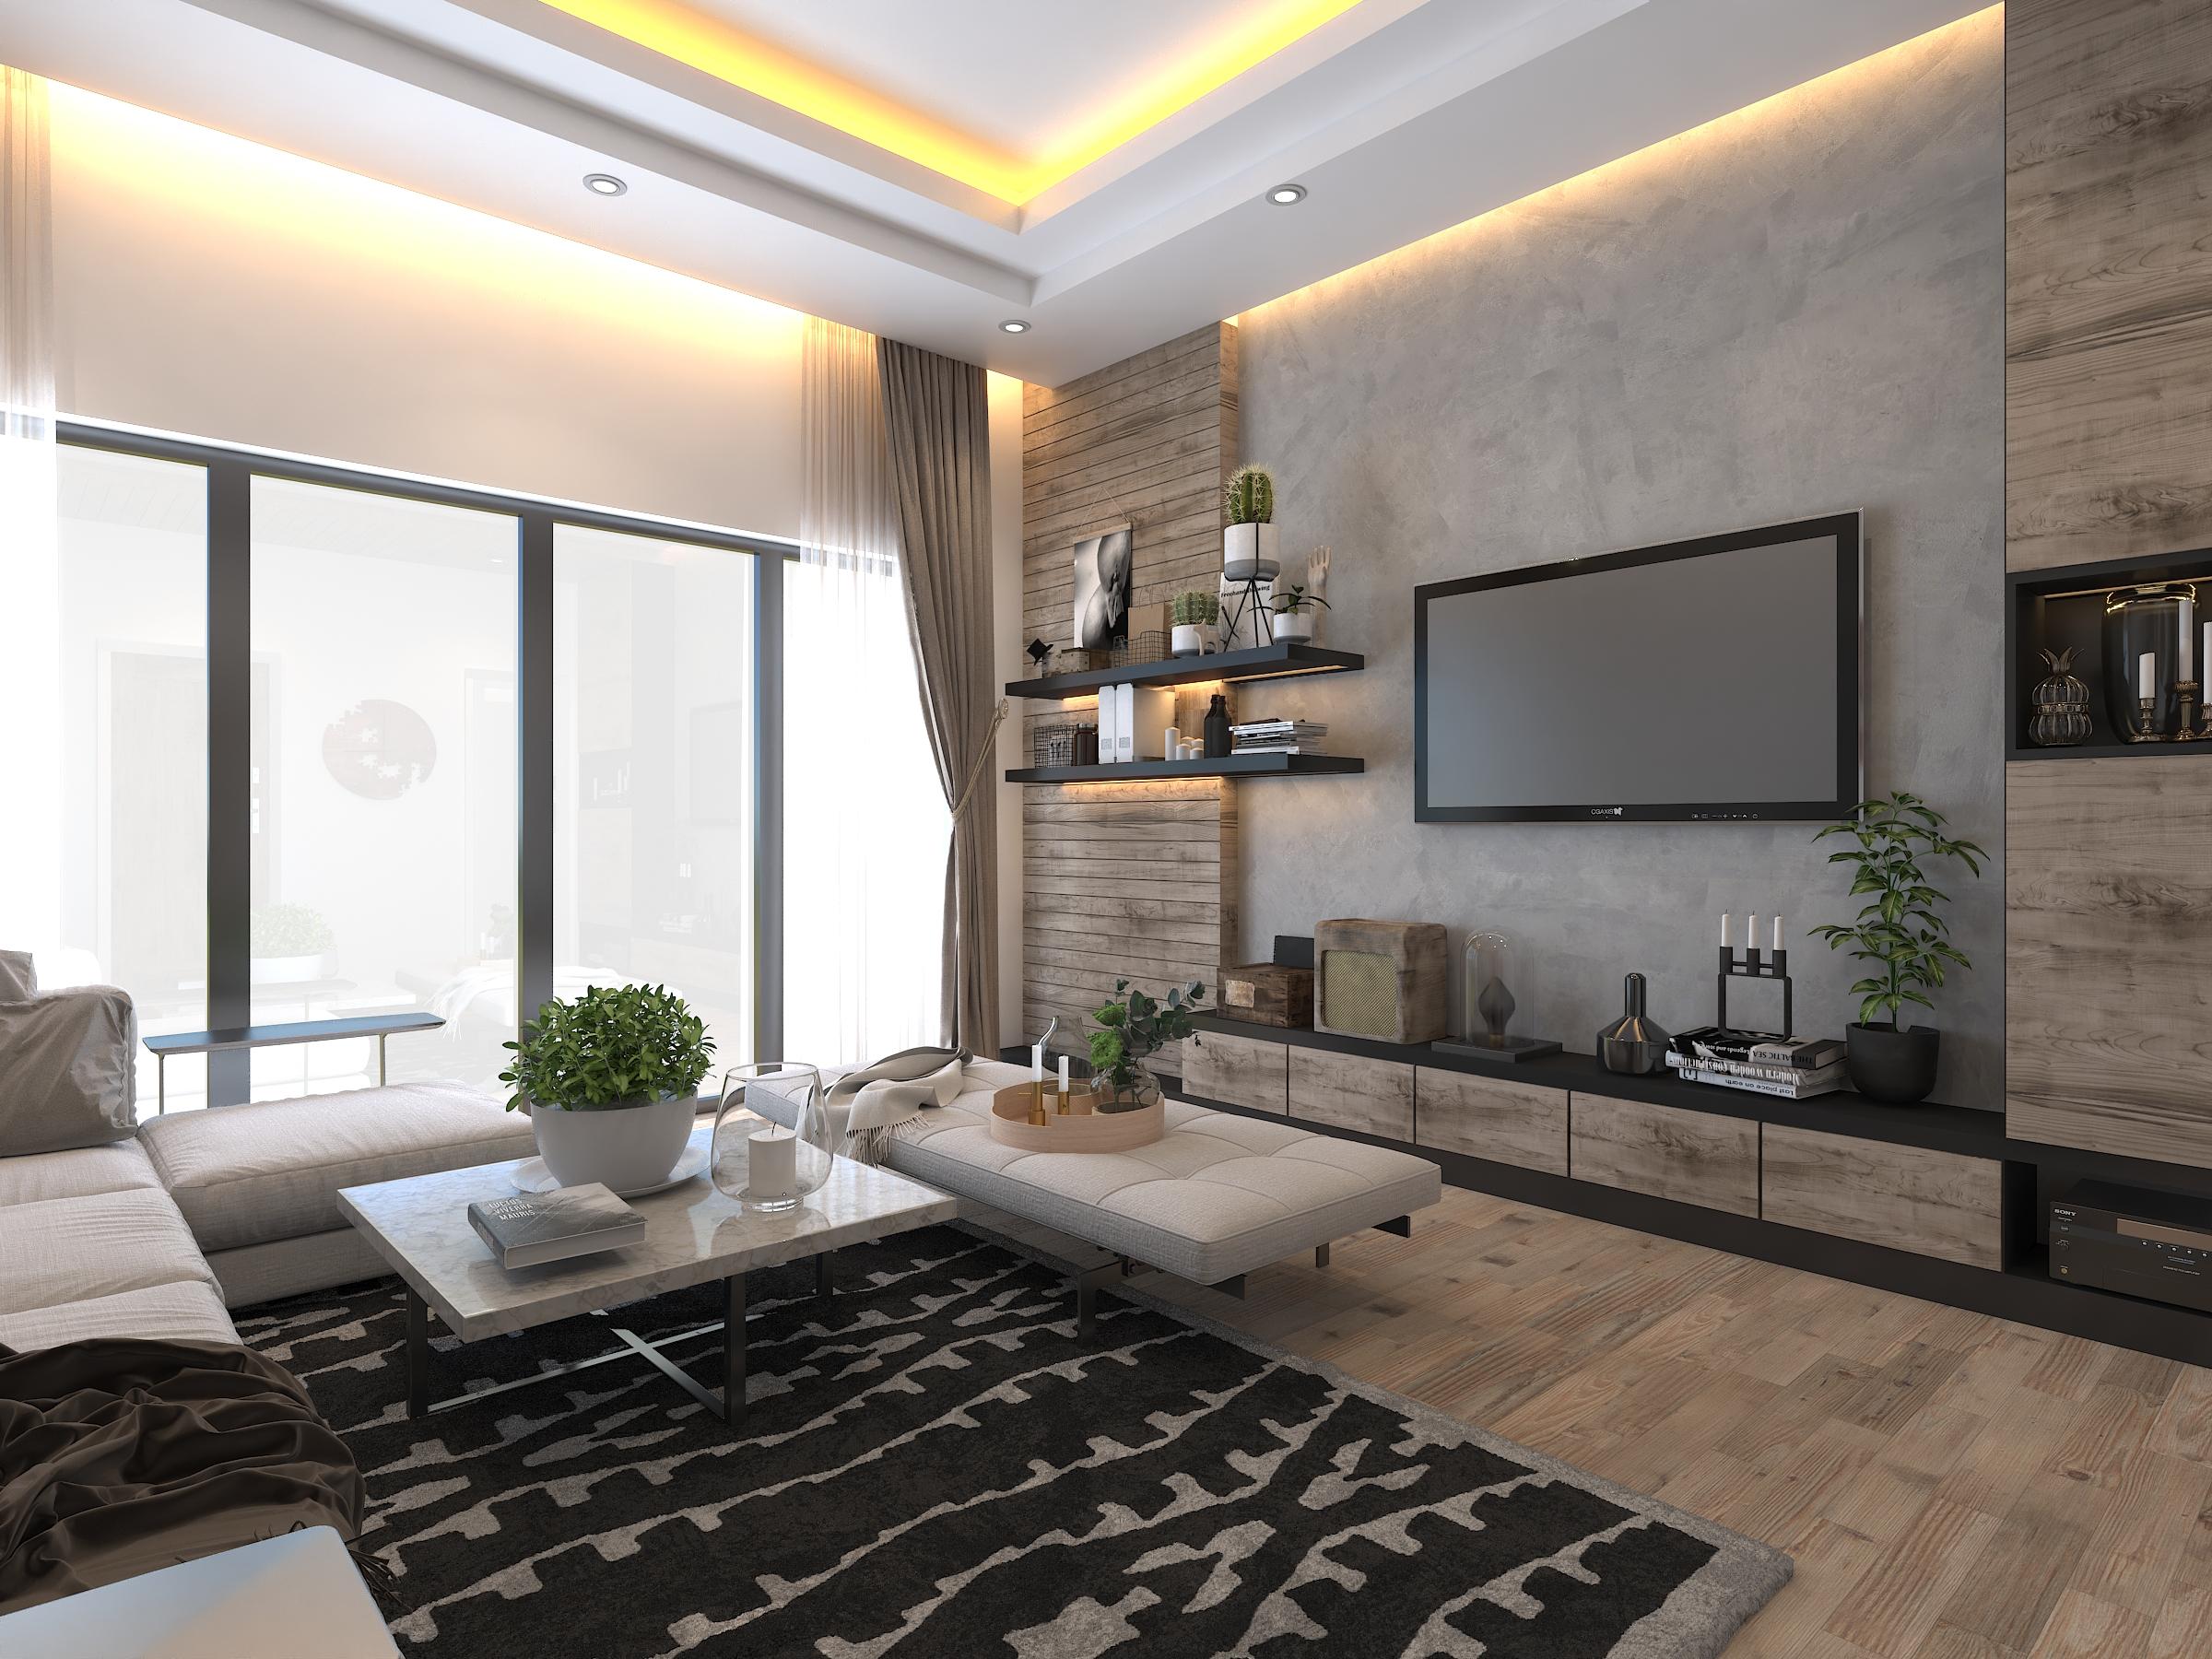 Thiết kế nội thất Nhà tại Hồ Chí Minh Ms'Thi House 1626189805 4